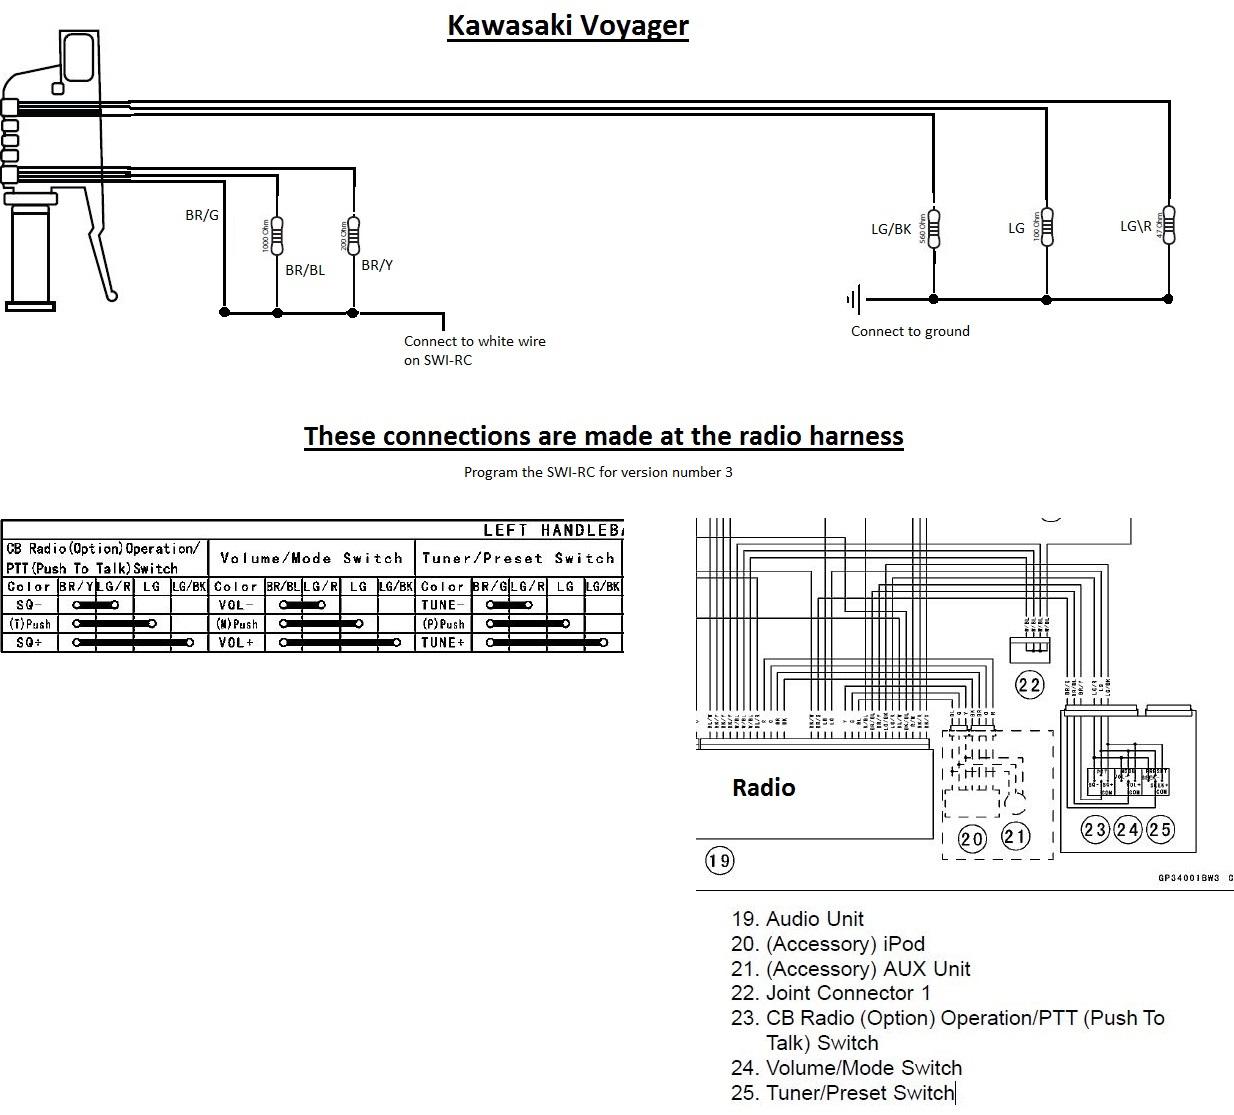 voyager 1 circuit diagram xh 4317  wiring diagram kawasaki zrx1200 radiator fan circuit  kawasaki zrx1200 radiator fan circuit